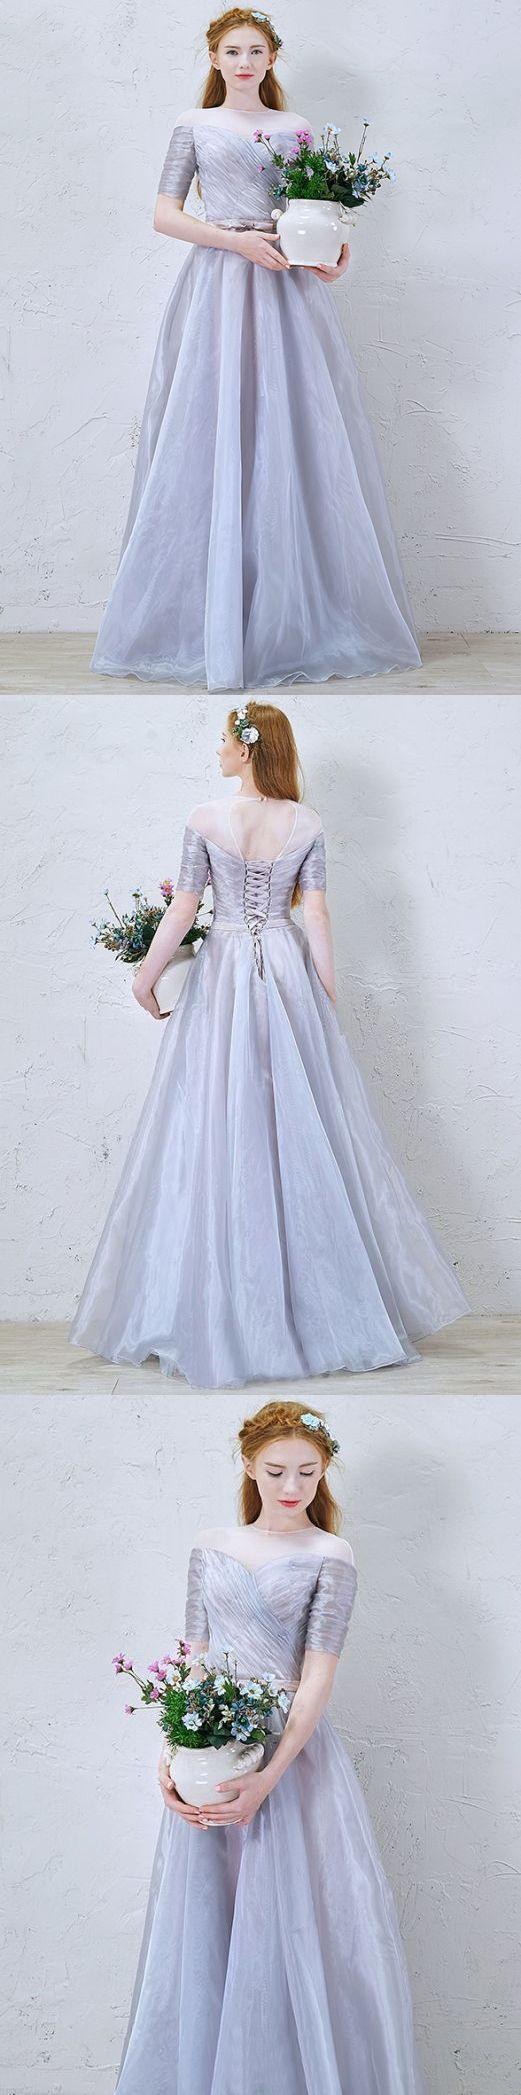 Formal Luxus Schöne Elegante Kleider BoutiqueAbend Ausgezeichnet Schöne Elegante Kleider Boutique